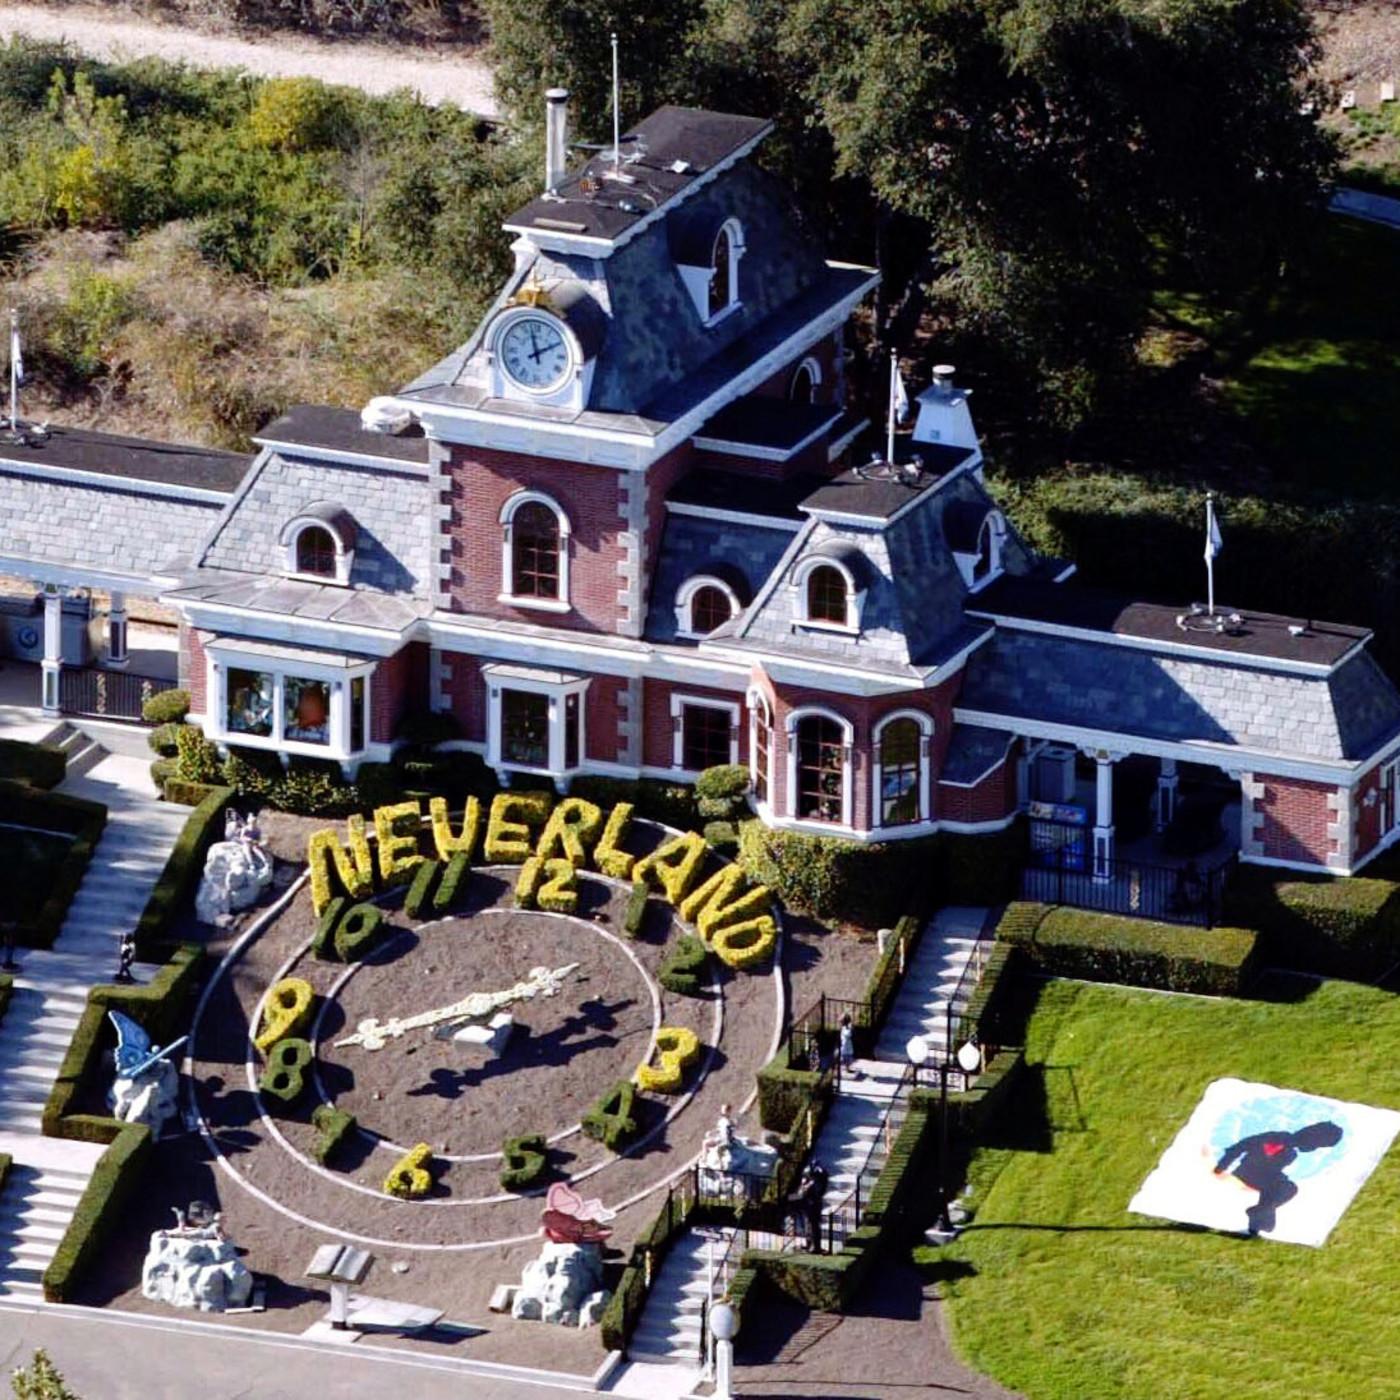 Desmontando Leaving Neverland, el demoledor documental sobre Michael Jackson - Ecos de lo remoto 3x29